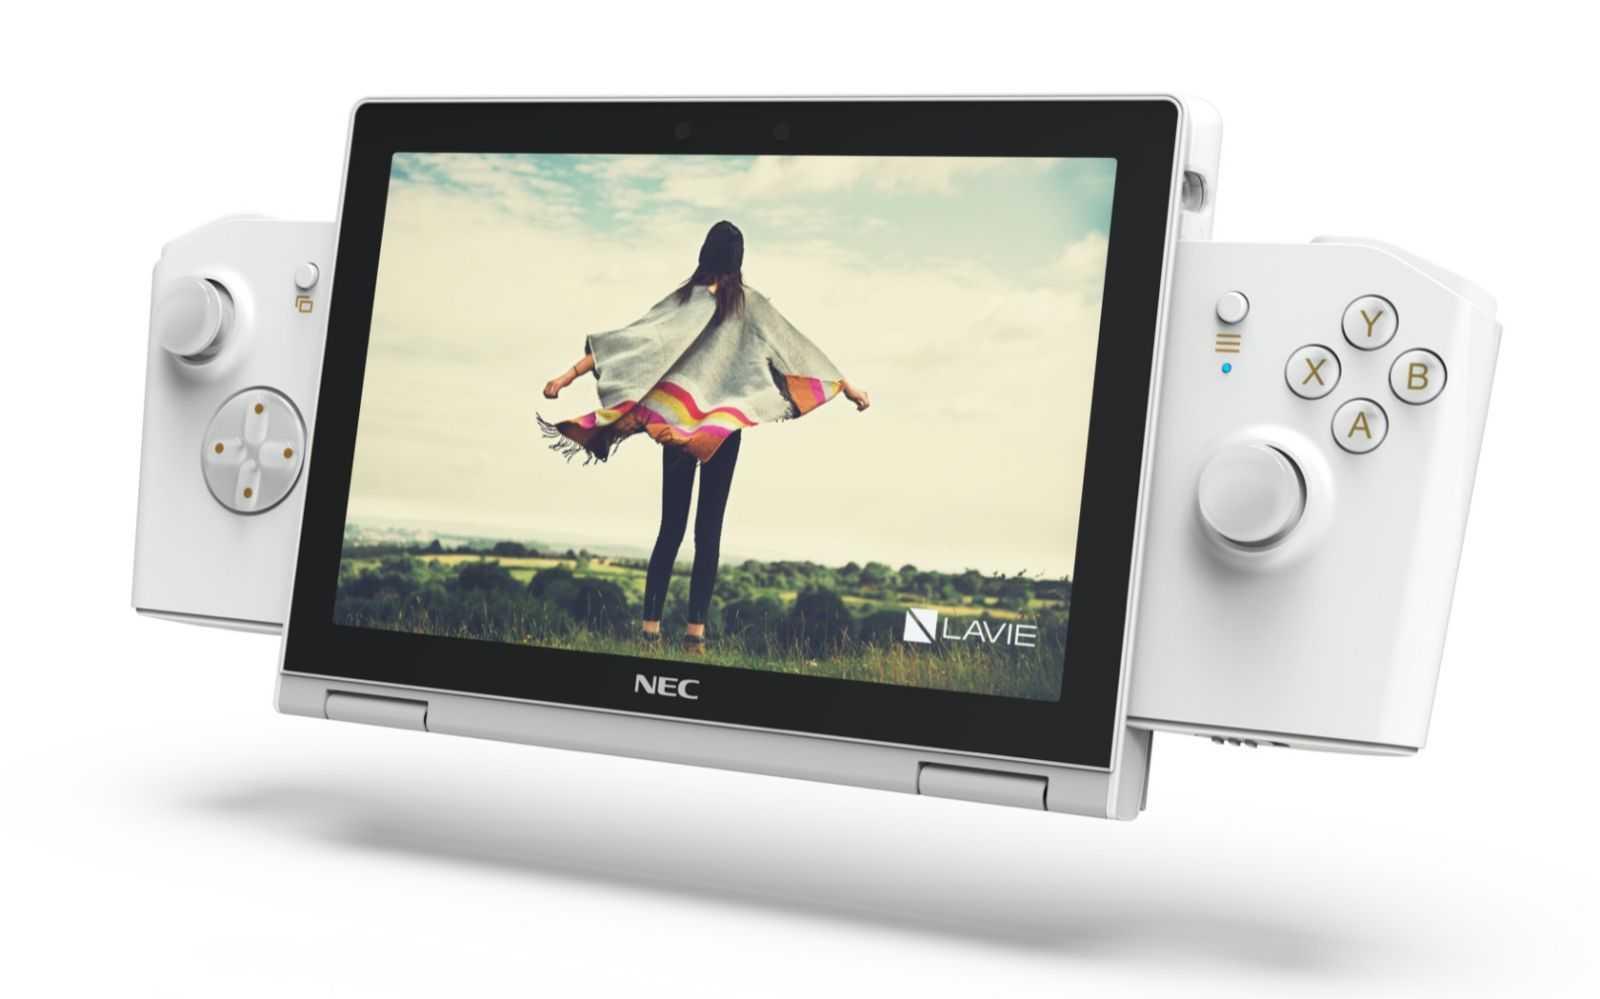 Lenovo и NEC выпустили  маленький ноутбук, трансформирующийся в  игровую приставку